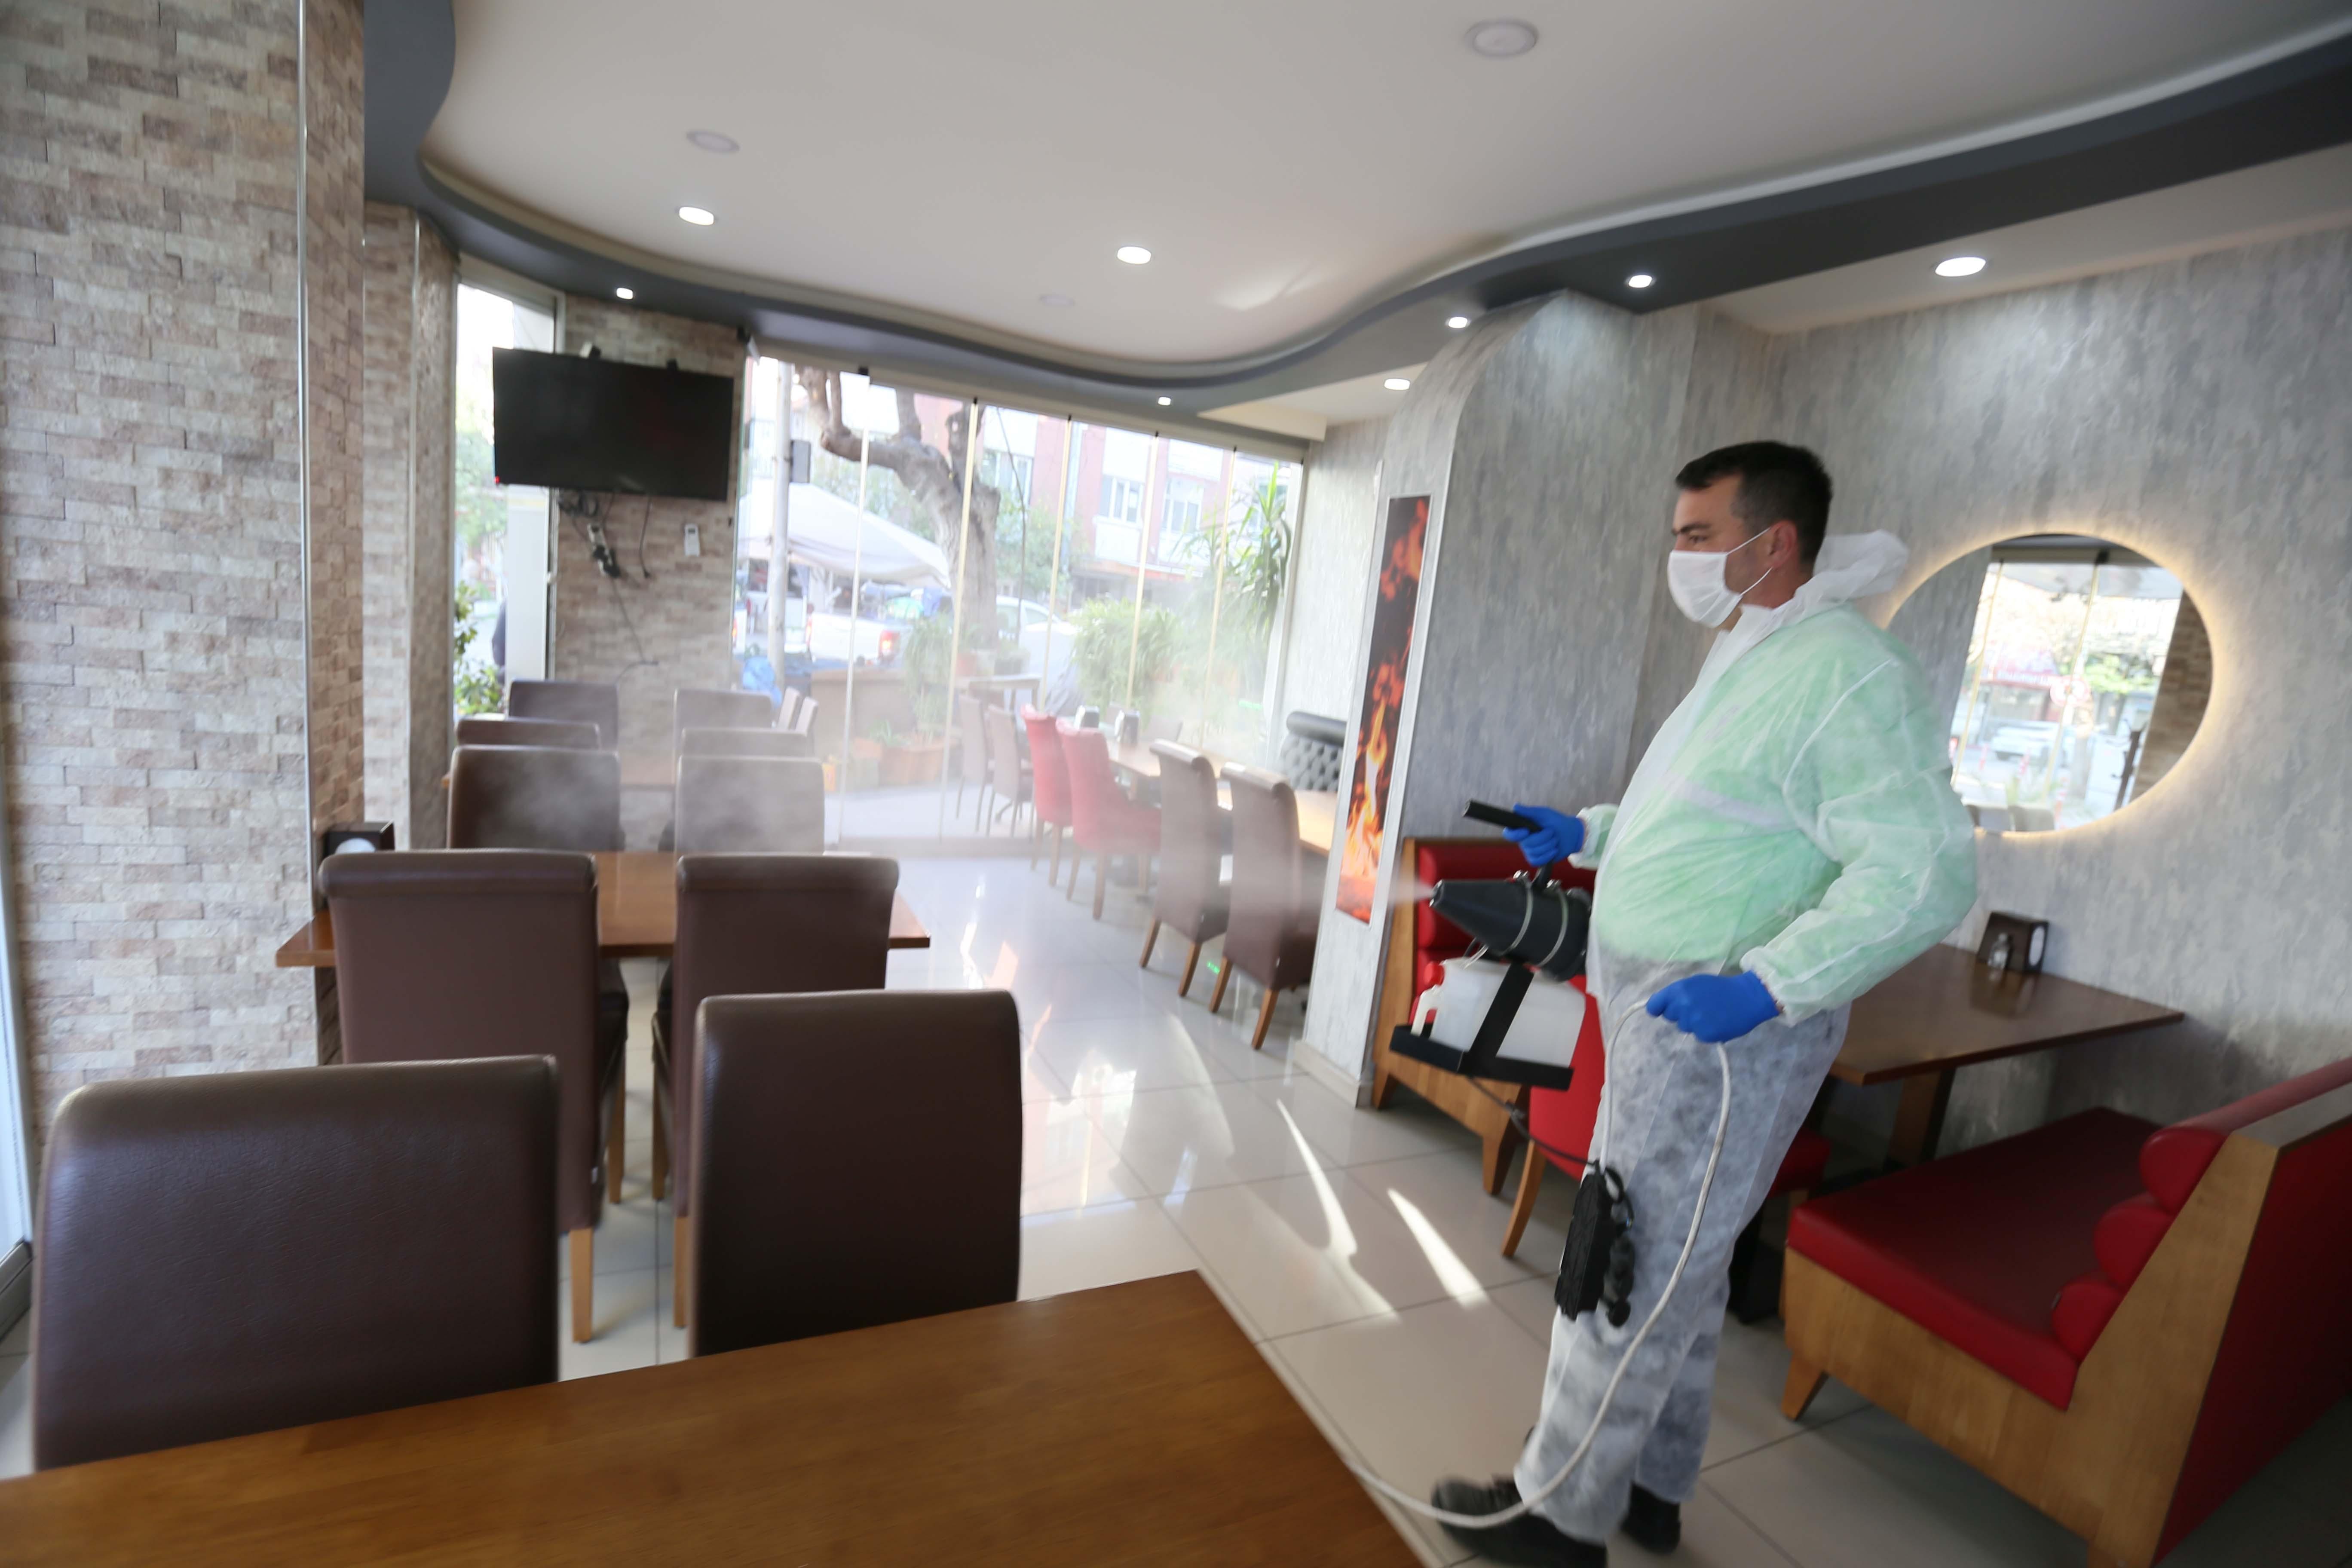 Efeler Belediyesi, işletmelerde önlem alıyor